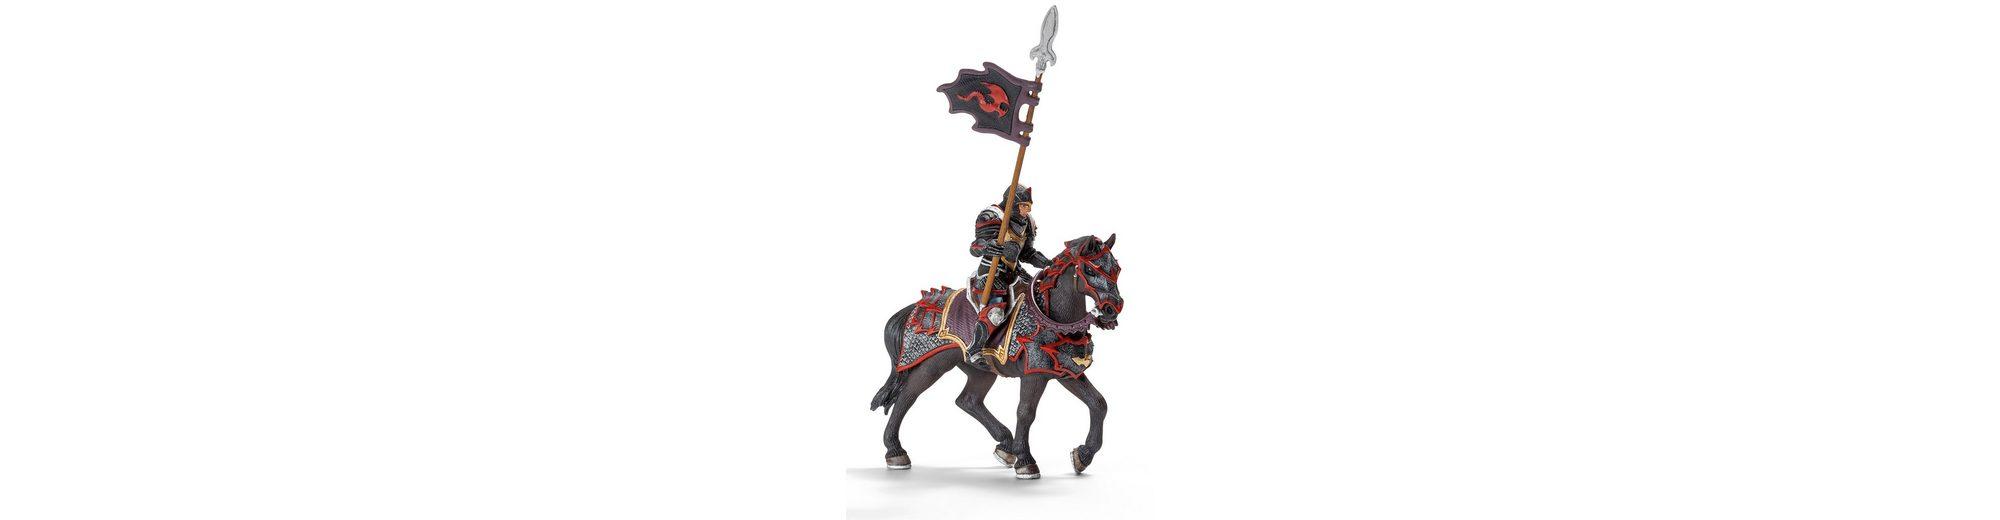 Schleich® Spielfiguren (70102), »Eldrador, Drachenritter König Takrok zu Pferde mit Lanze